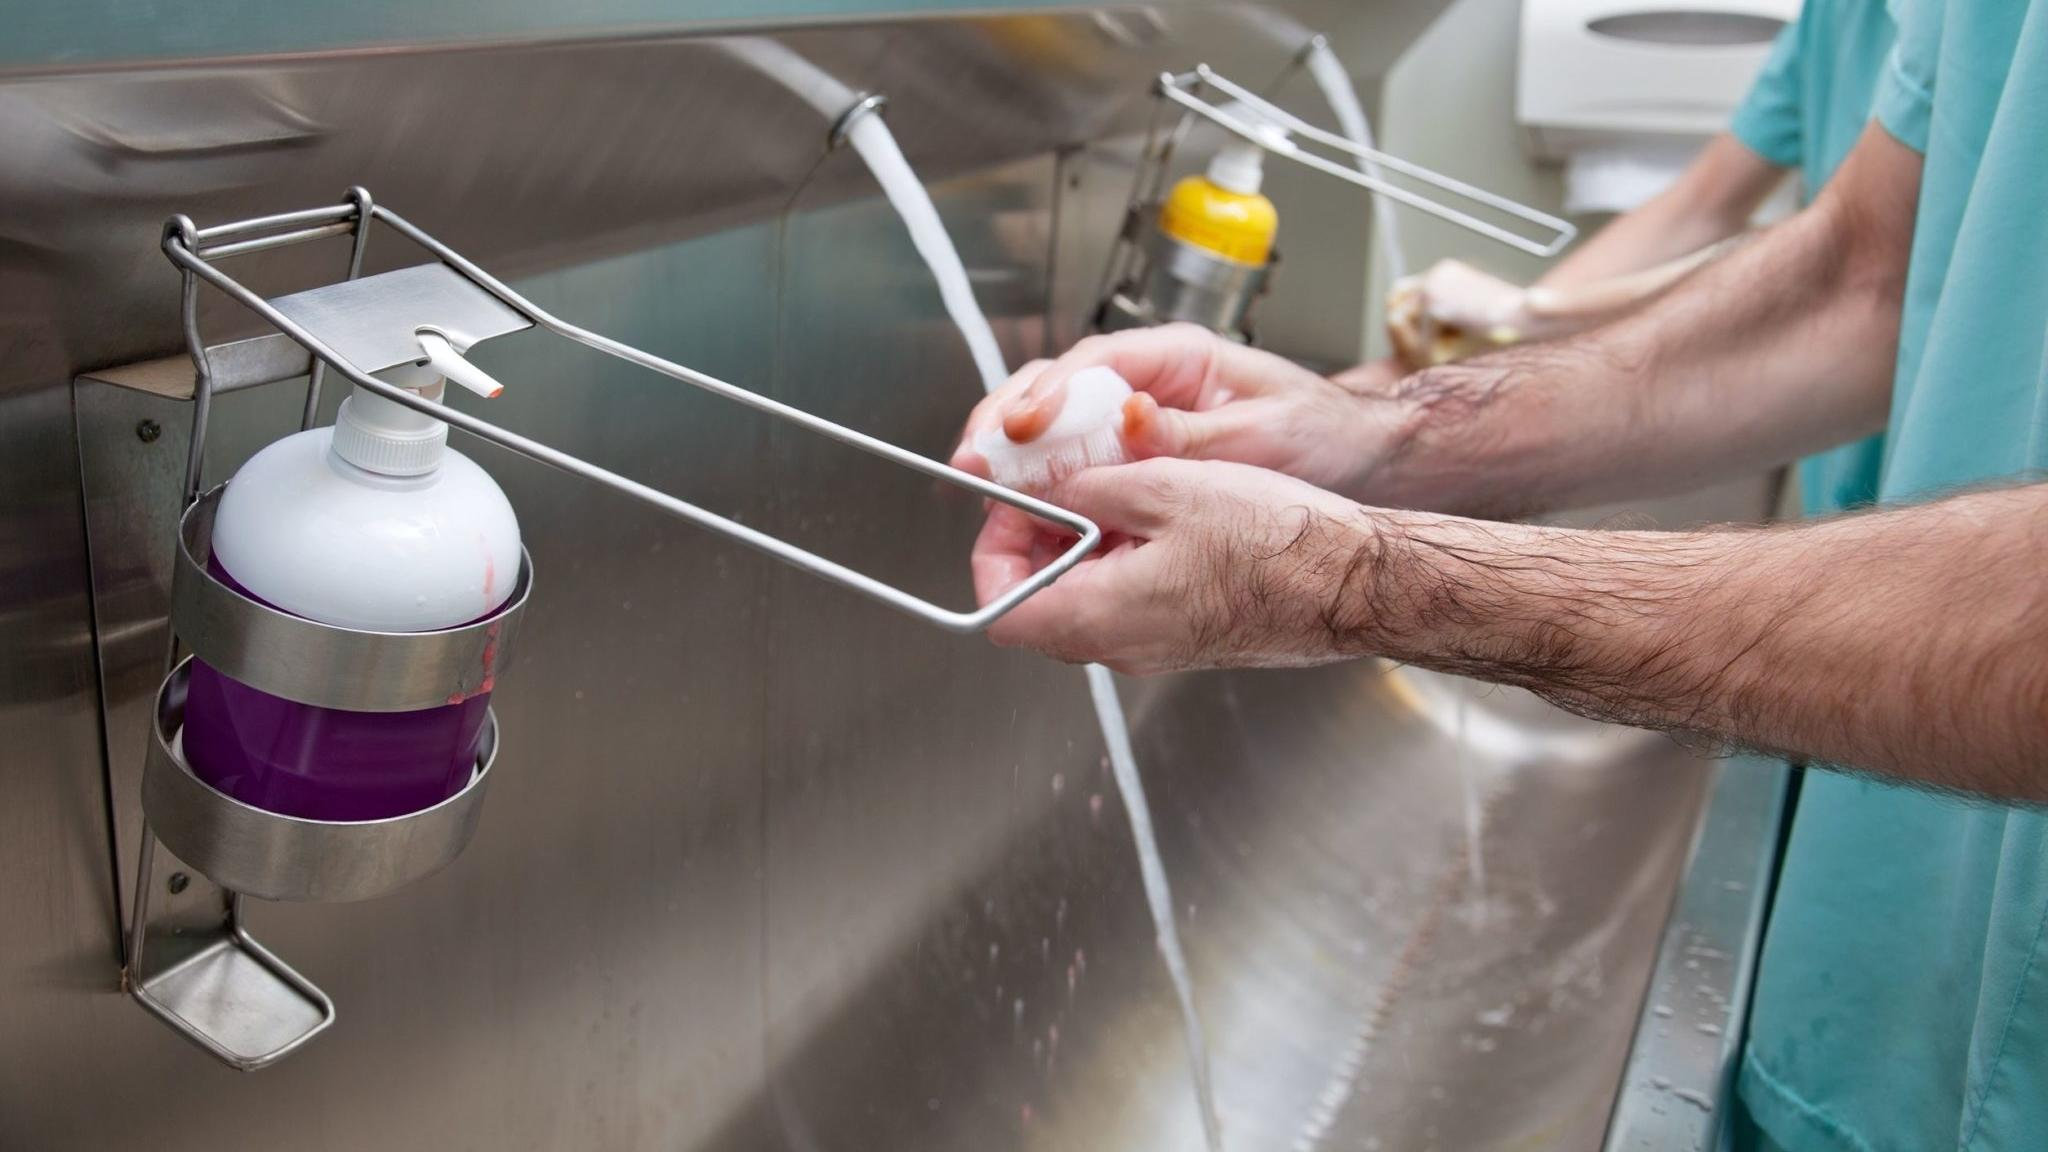 Бактерии приобретают устойчивость даже к спирту